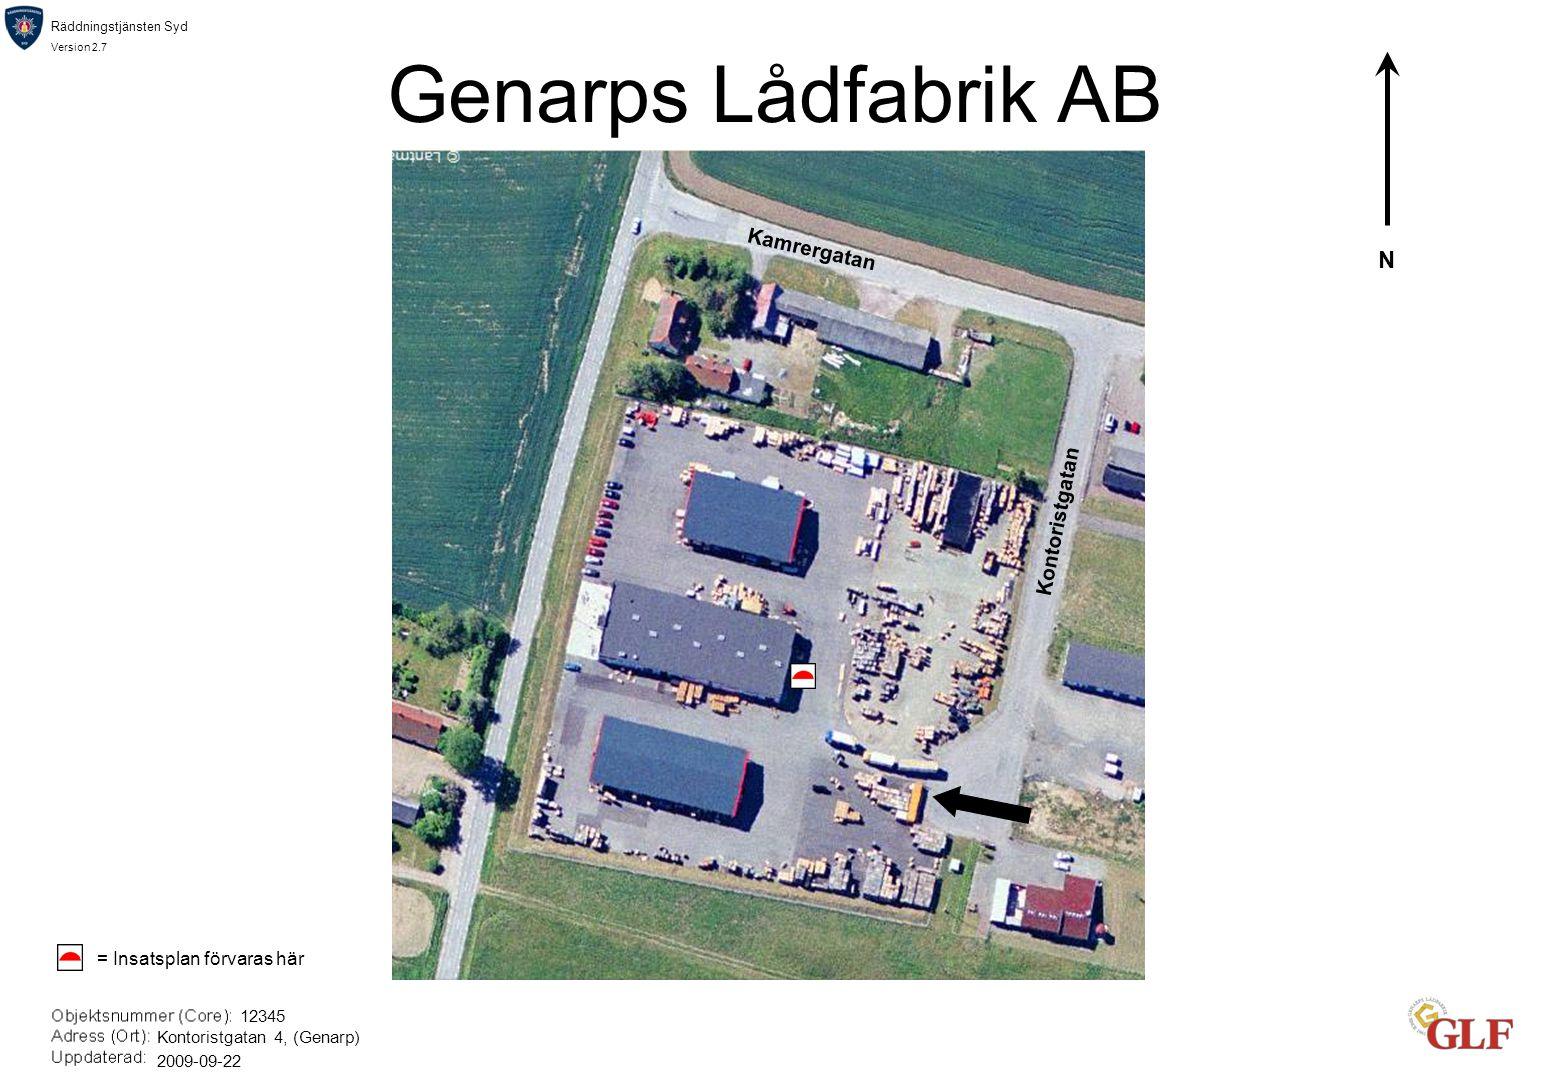 Räddningstjänsten Syd Version 2.7 Genarps Lådfabrik AB N 12345 Kontoristgatan 4, (Genarp) 2009-09-22 Kamrergatan Kontoristgatan = Insatsplan förvaras